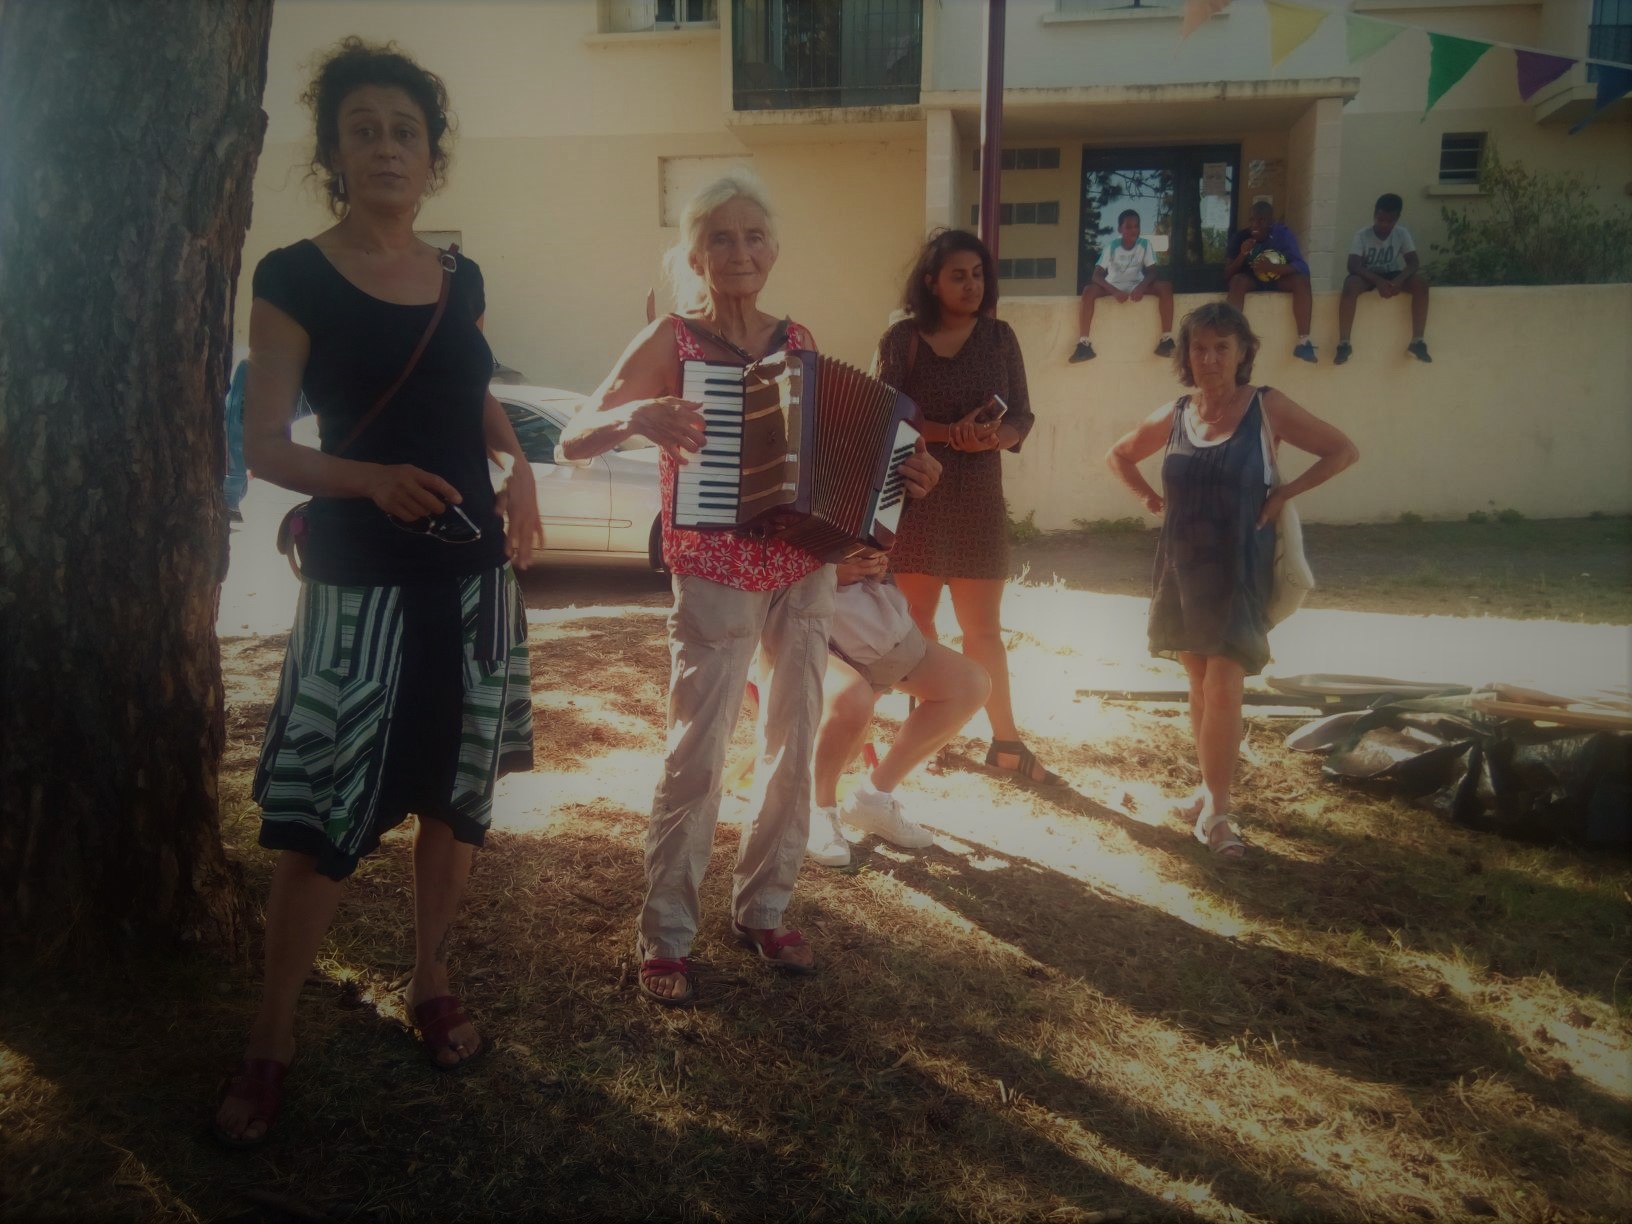 roulotte spectacles archipel; compagnie théâtre de la terre Ariège